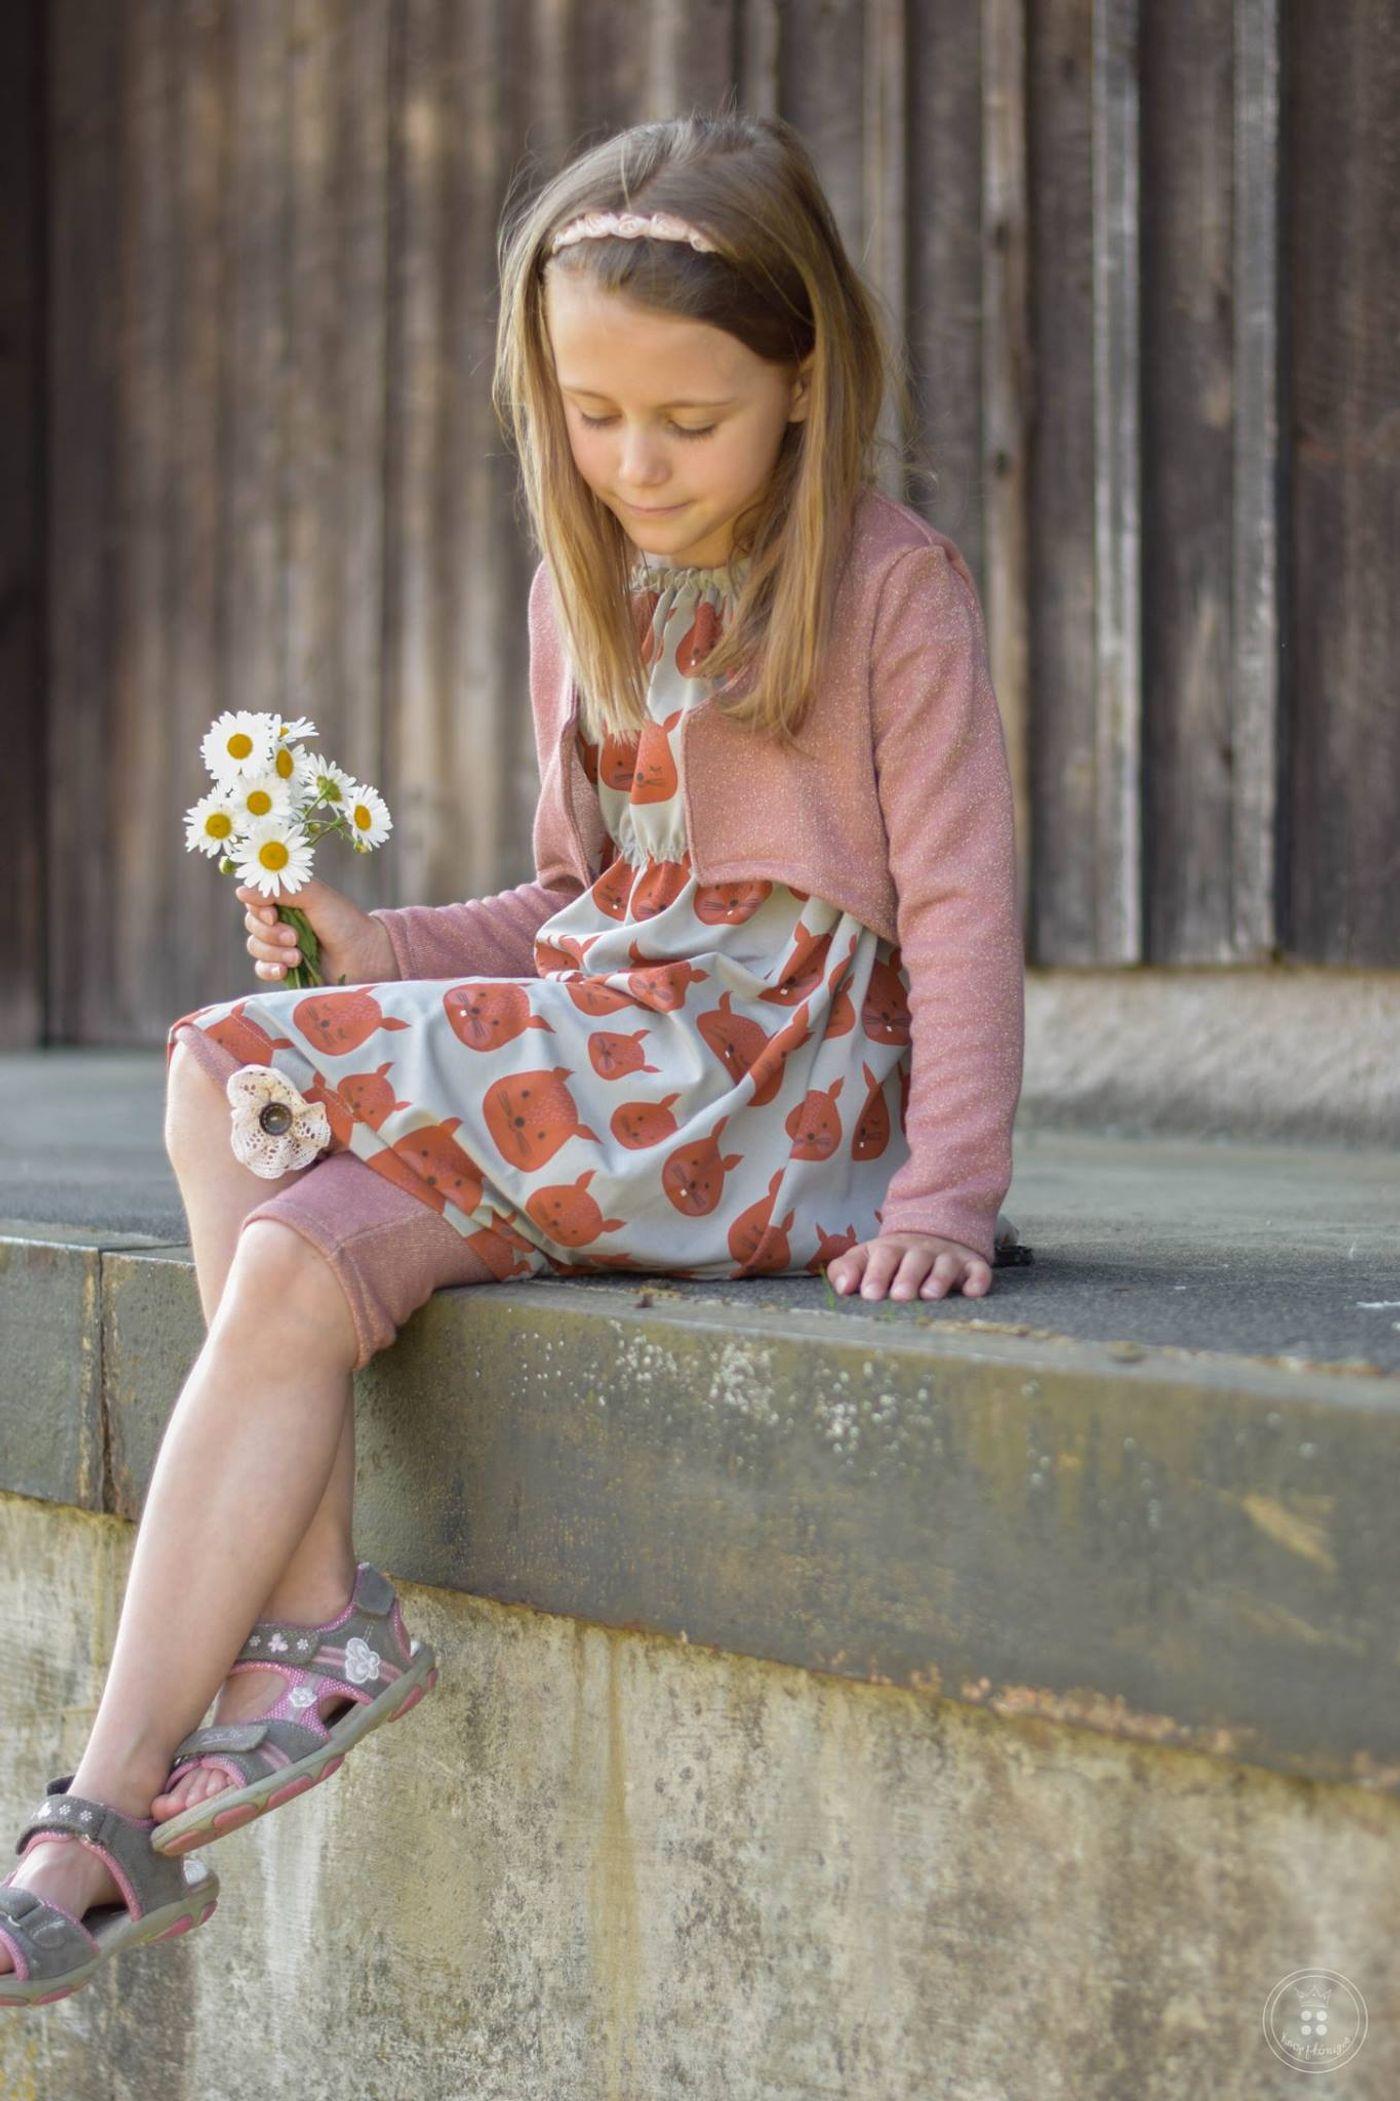 Produktfoto 4 von Katiela für Schnittmuster Ebook Boho Bolero Frauen und Mädchen